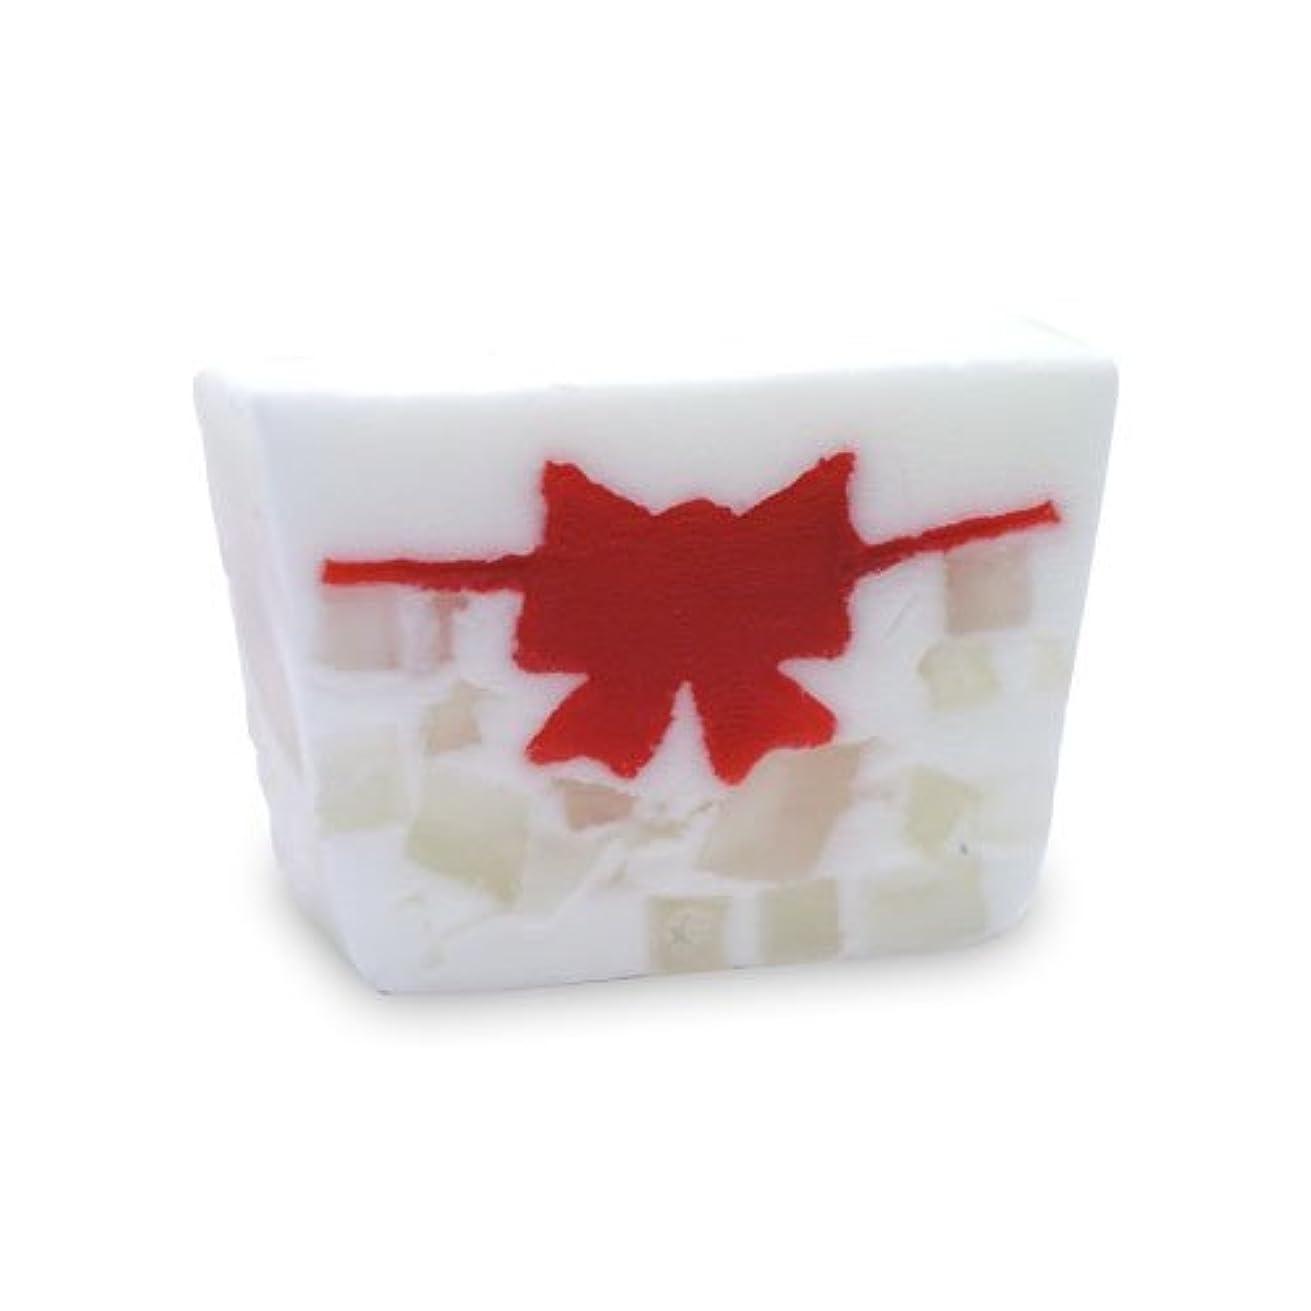 プライモールエレメンツ アロマティック ミニソープ クリスマスリボン 80g 植物性 ナチュラル 石鹸 無添加